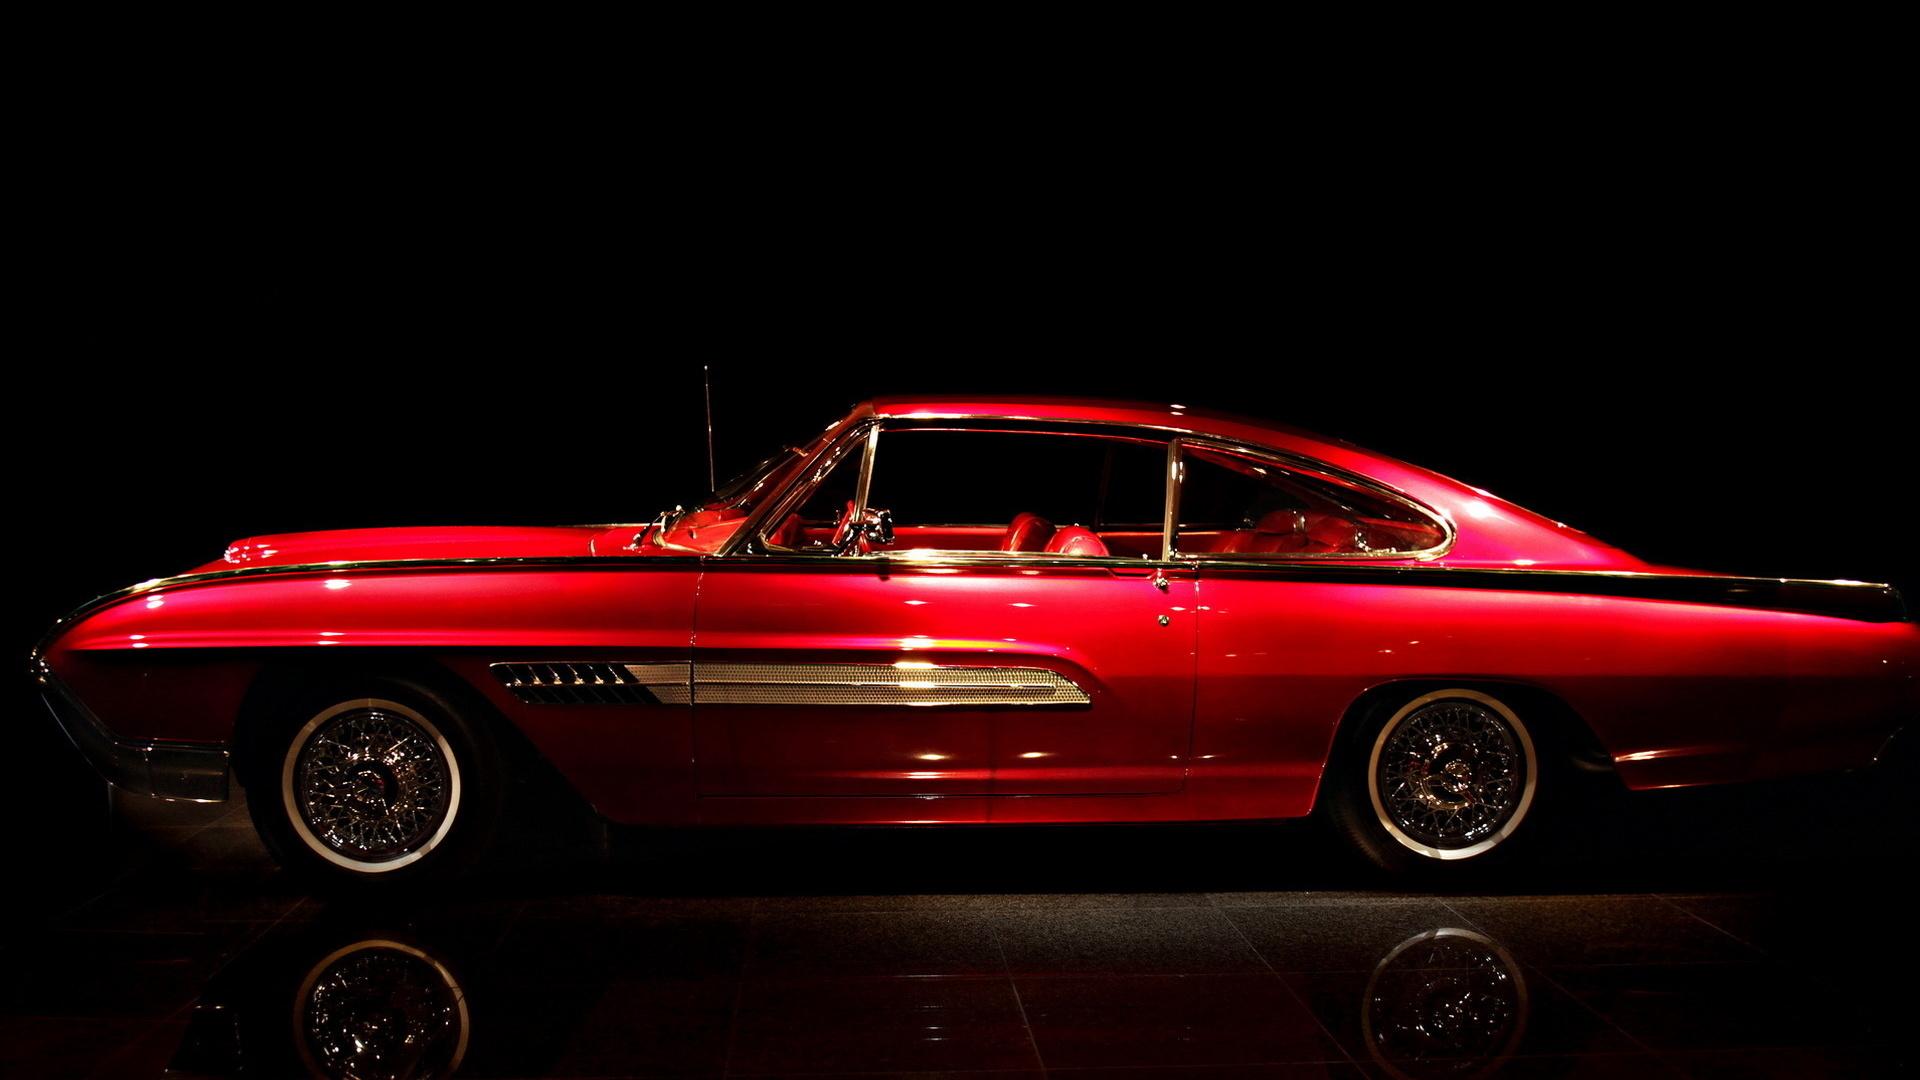 blackhawk, car, automobile